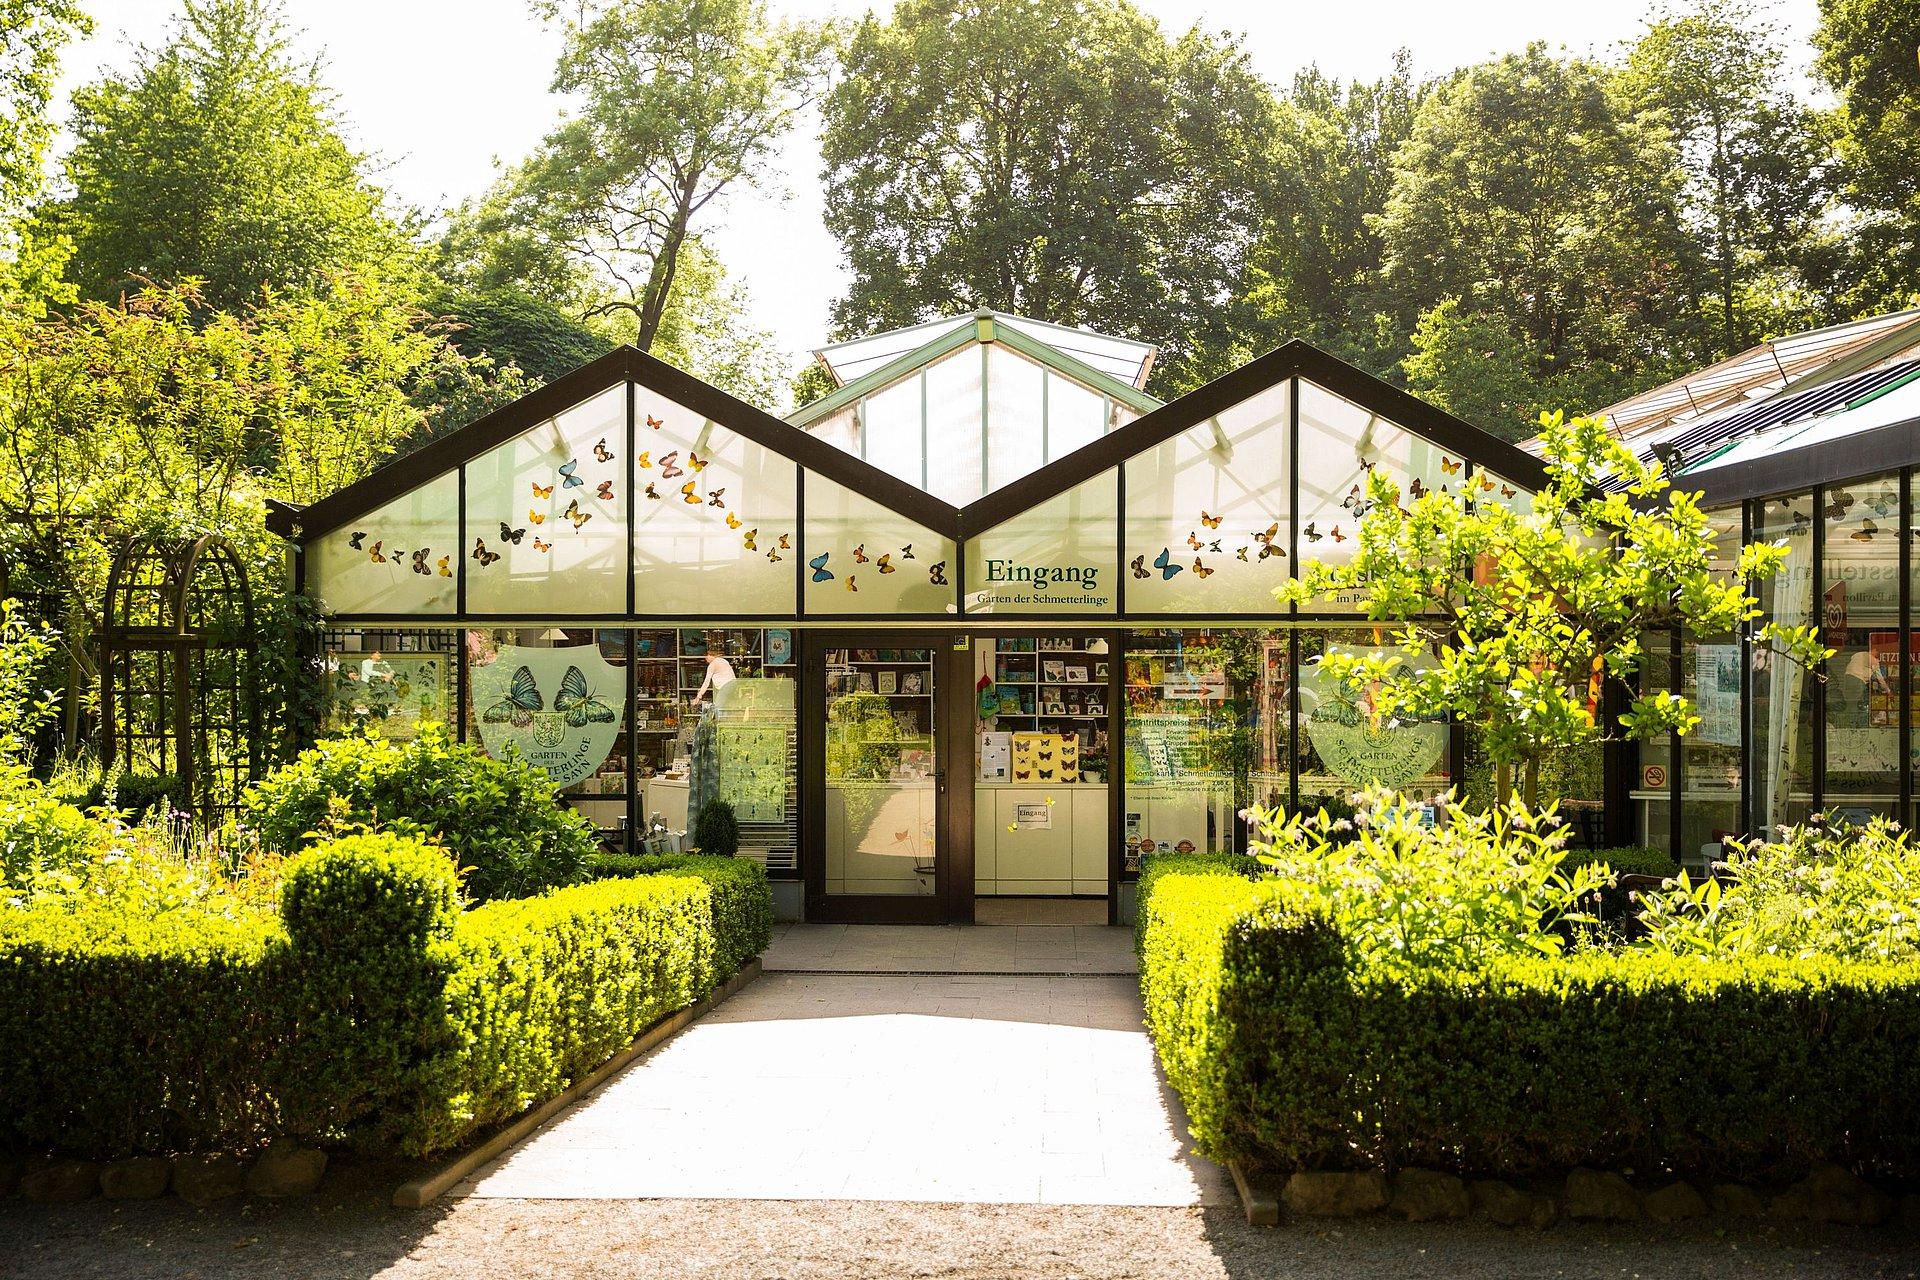 Eingang zum Schmetterlingsgarten im Schlosspark Sayn, Romantischer Rhein